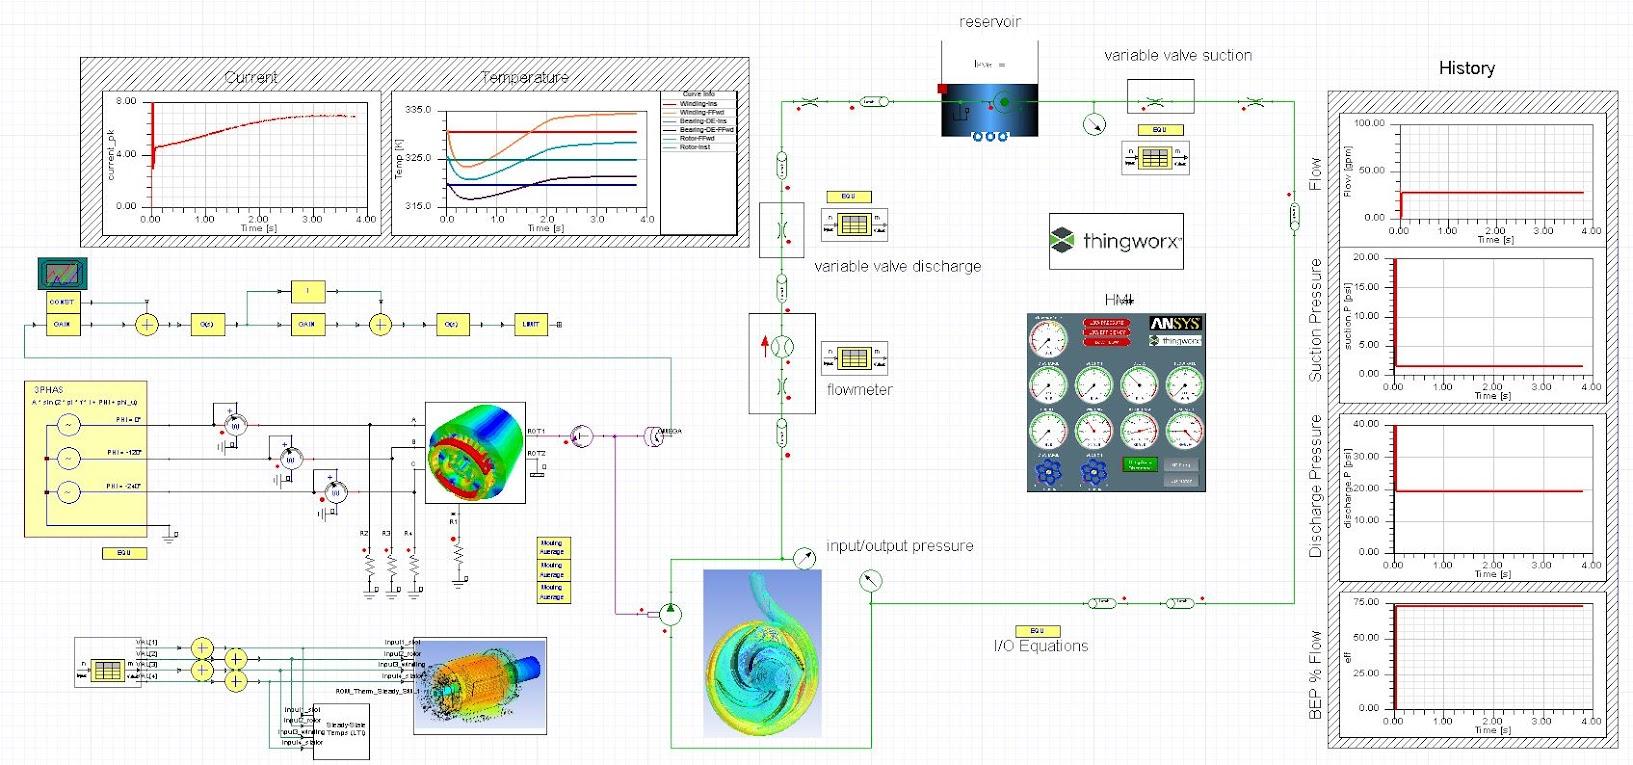 ANSYS Системная модель цифрового двойника, включающая связанные модели различных физических процессов и модель человеко-машинного интерфейса (HMI)